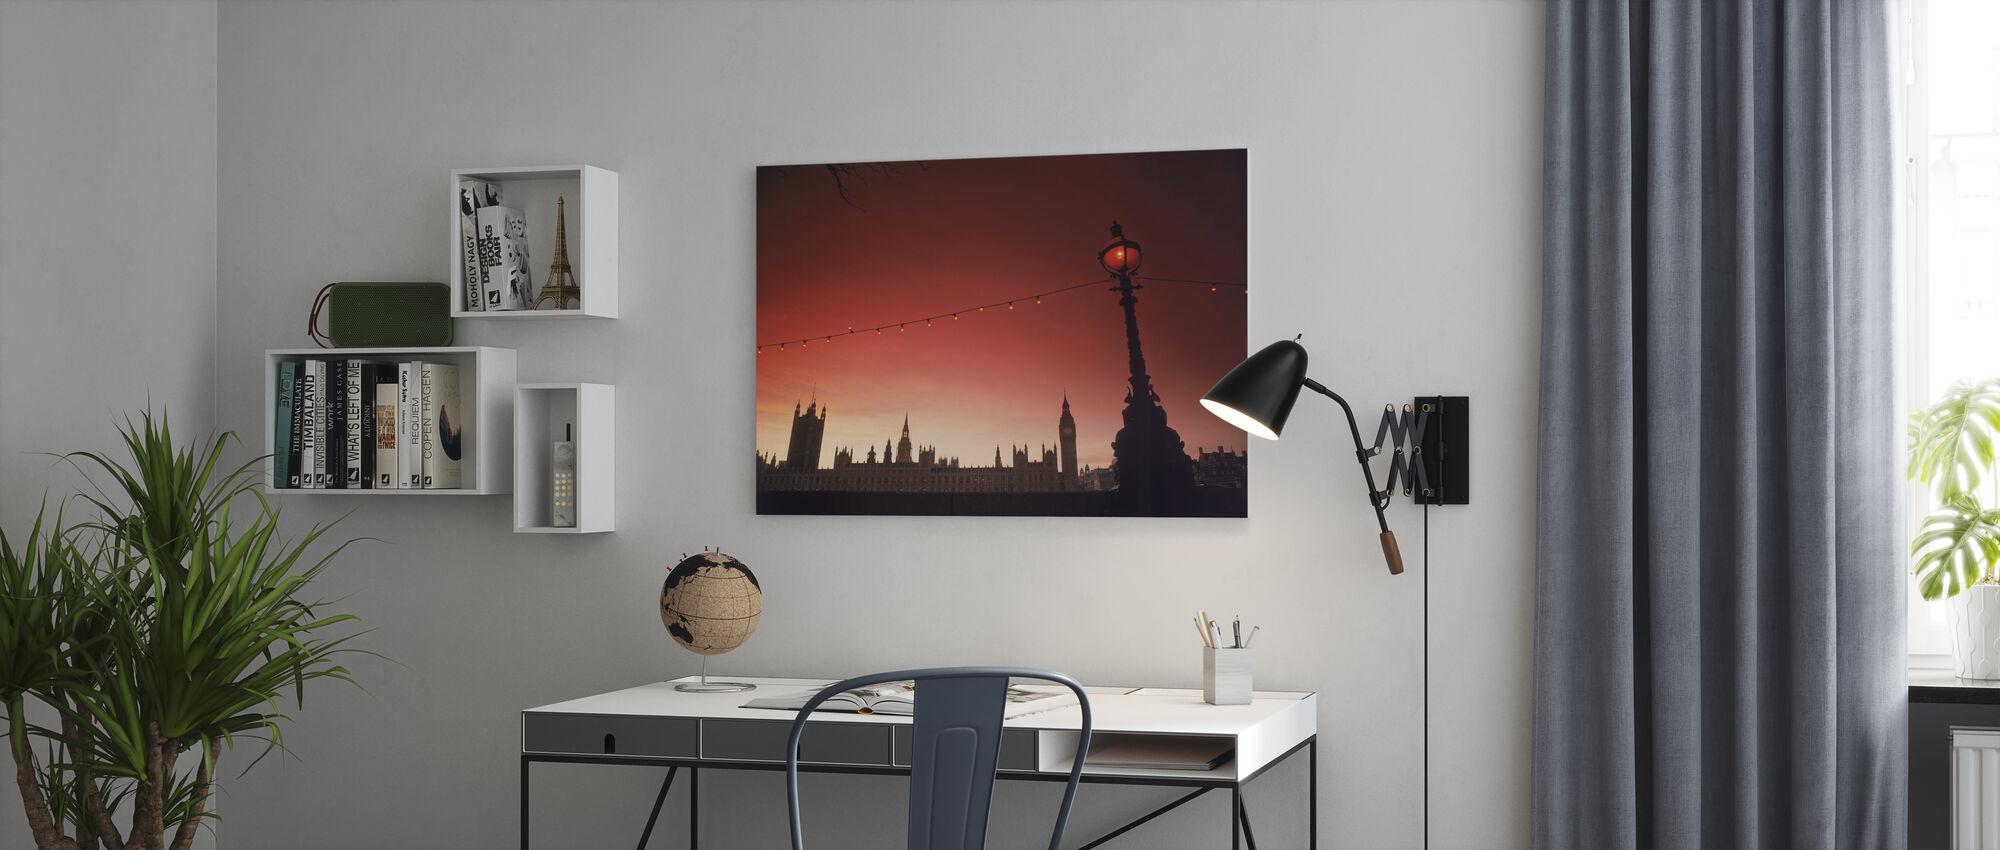 Een studie in Scarlet, Londen - Canvas print - Kantoor